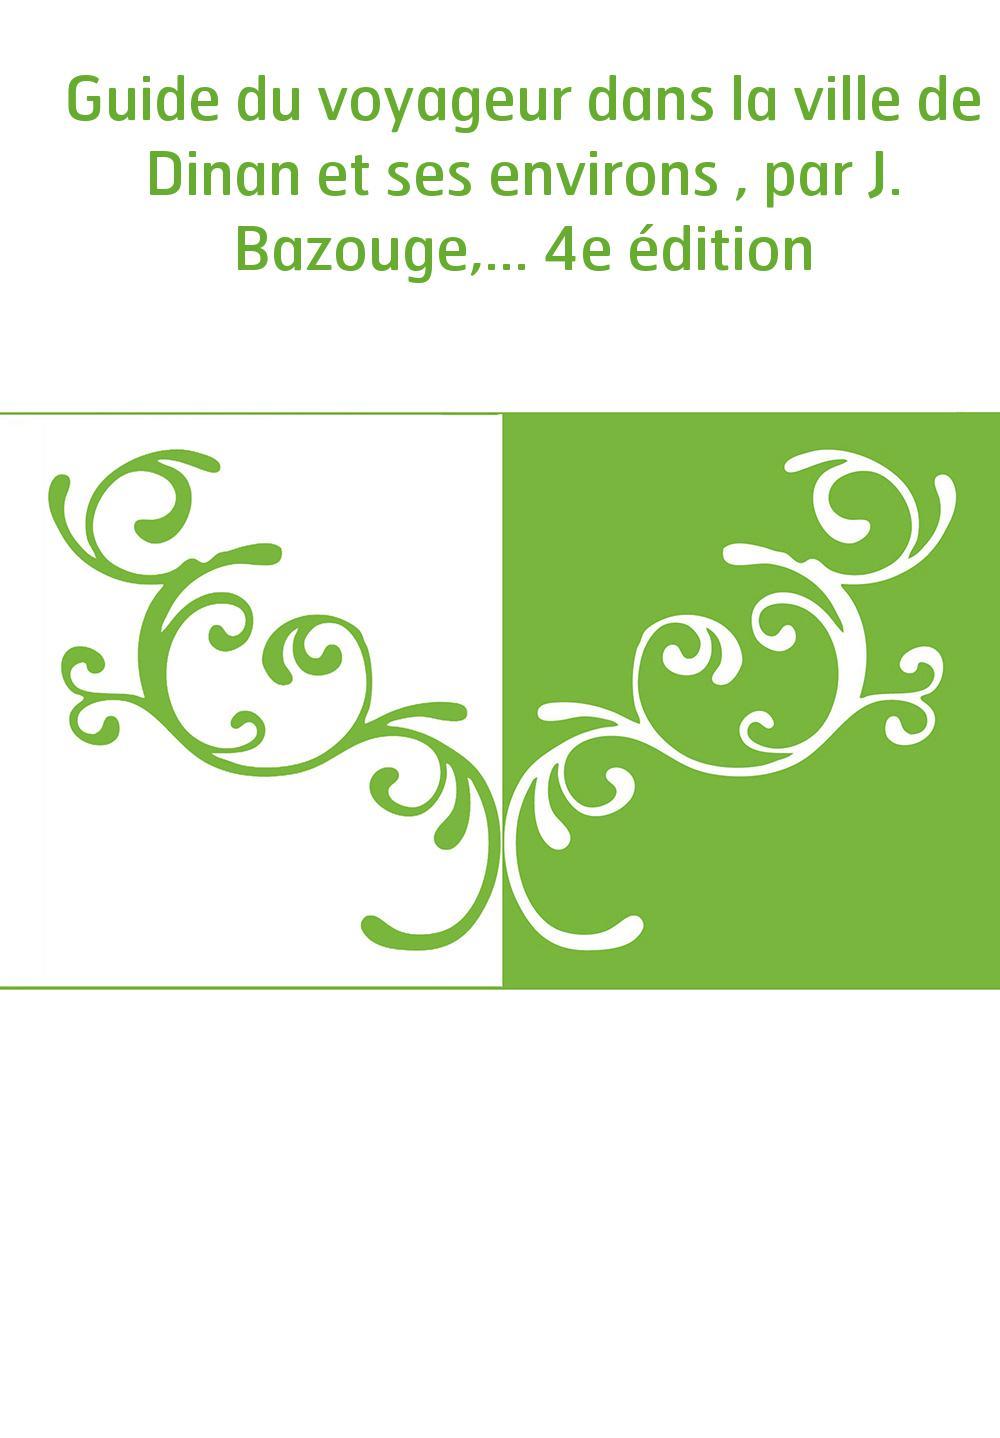 Guide du voyageur dans la ville de Dinan et ses environs , par J. Bazouge,... 4e édition